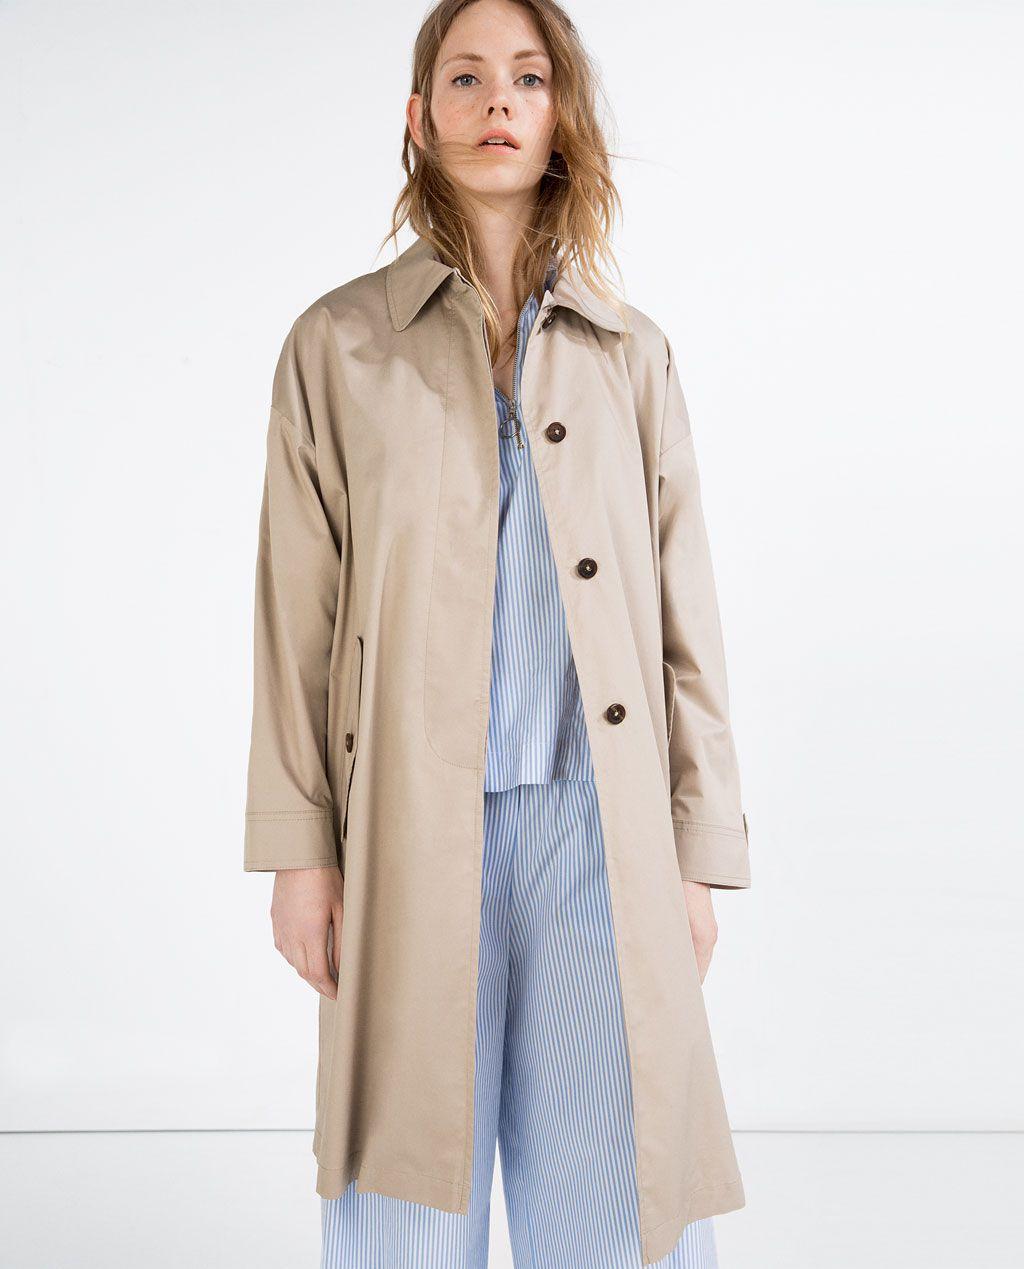 Vrijeme za kupnju kaputa? Da!